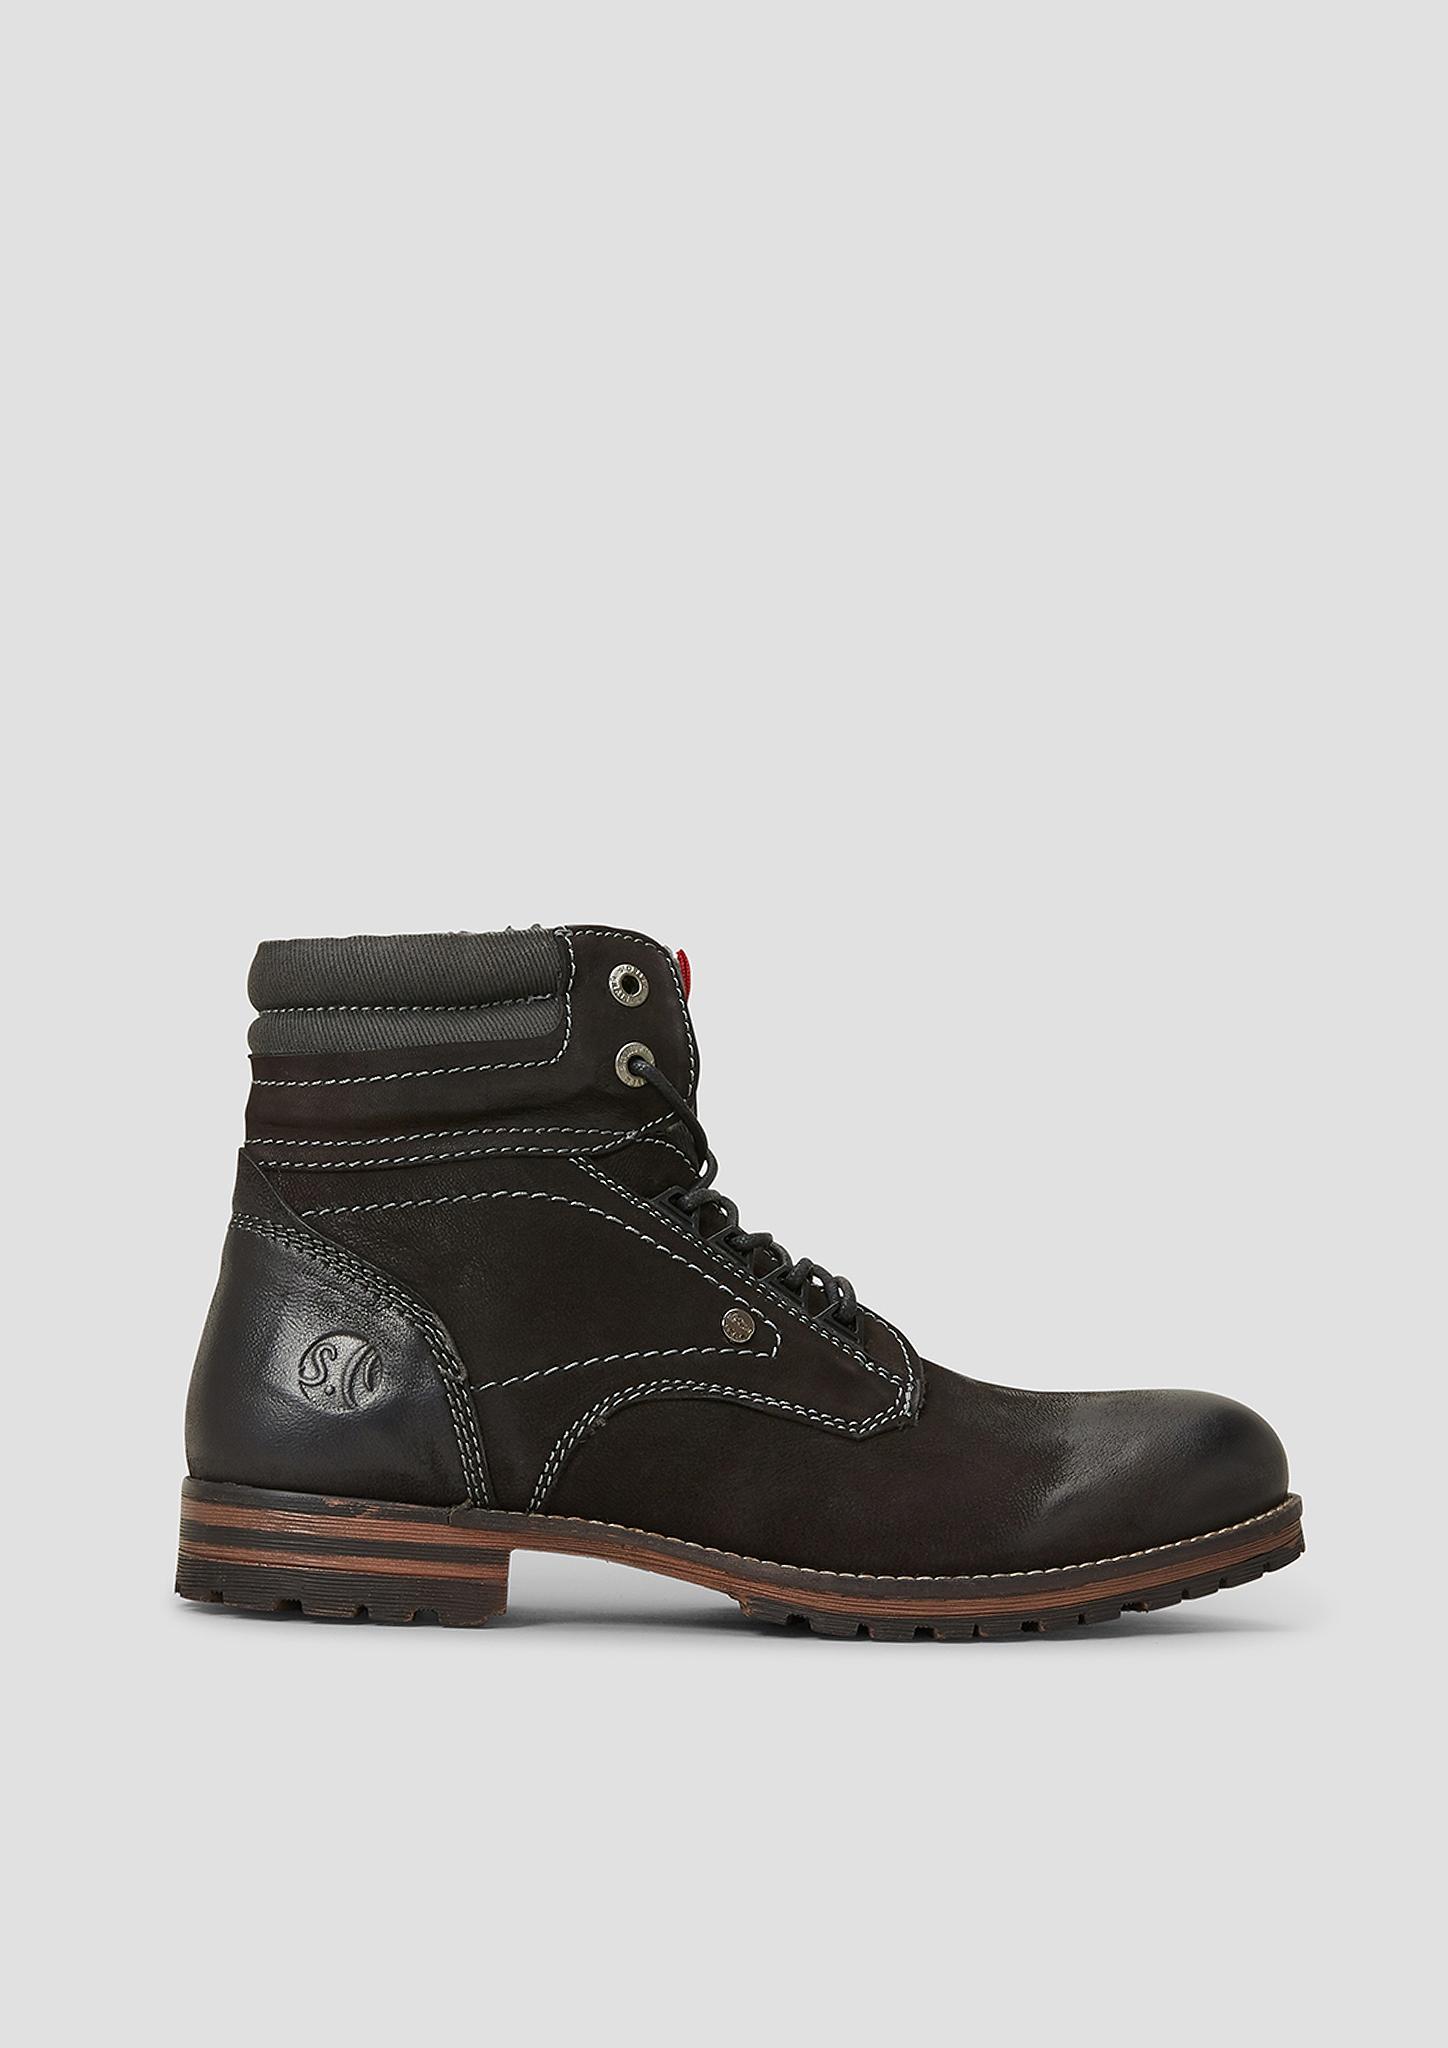 Boots | Schuhe | Grau/schwarz | Obermaterial aus echtleder und textil| futter aus leder und textil| decksohle aus leder| laufsohle aus synthetik | s.Oliver